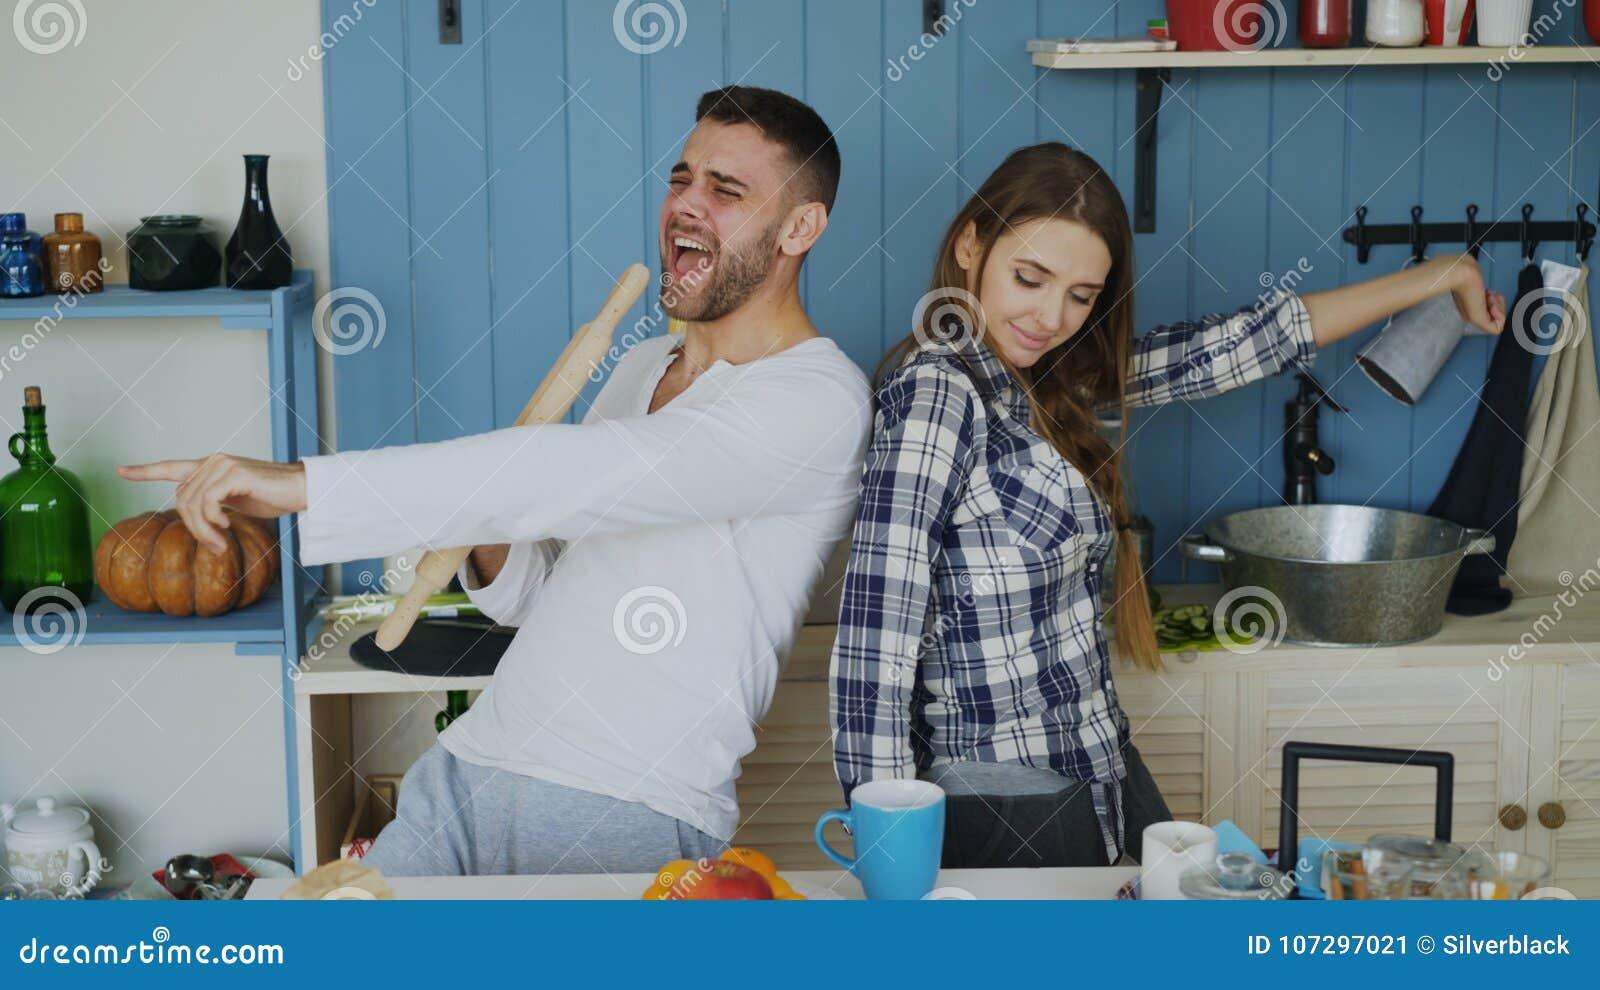 Junge frohe Paare haben Spaßtanzen und den Gesang, während sie zu Hause der Tabelle zum Frühstück in der Küche eingestellt werden